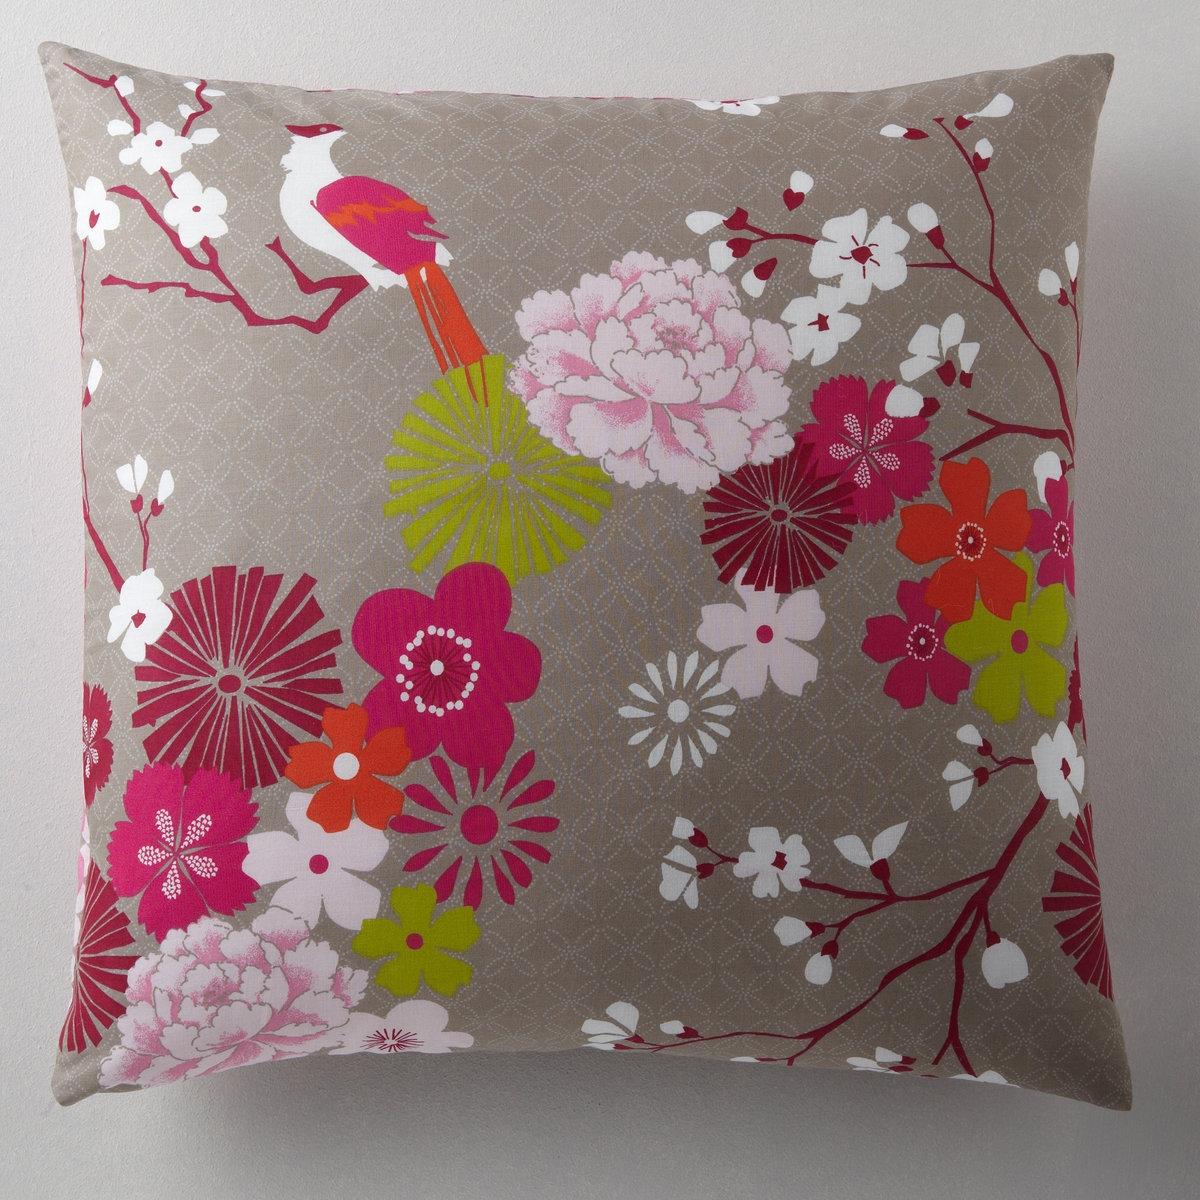 Наволочка Мисс КитайКачество VALEUR SURE. Красивое сочетание китайских мотивов и теплых тонов. Прямоугольная и квадратная: цветочный рисунок с одной стороны, мелкий рисунок с другой. На подушку-валик: мелкий рисунок. 100% хлопка. Стирка при 60°. Размер: 50 х 70 см : прямоуг. 63 х 63 см : квадрат. 85 х 185 см : валик<br><br>Цвет: набивной рисунок